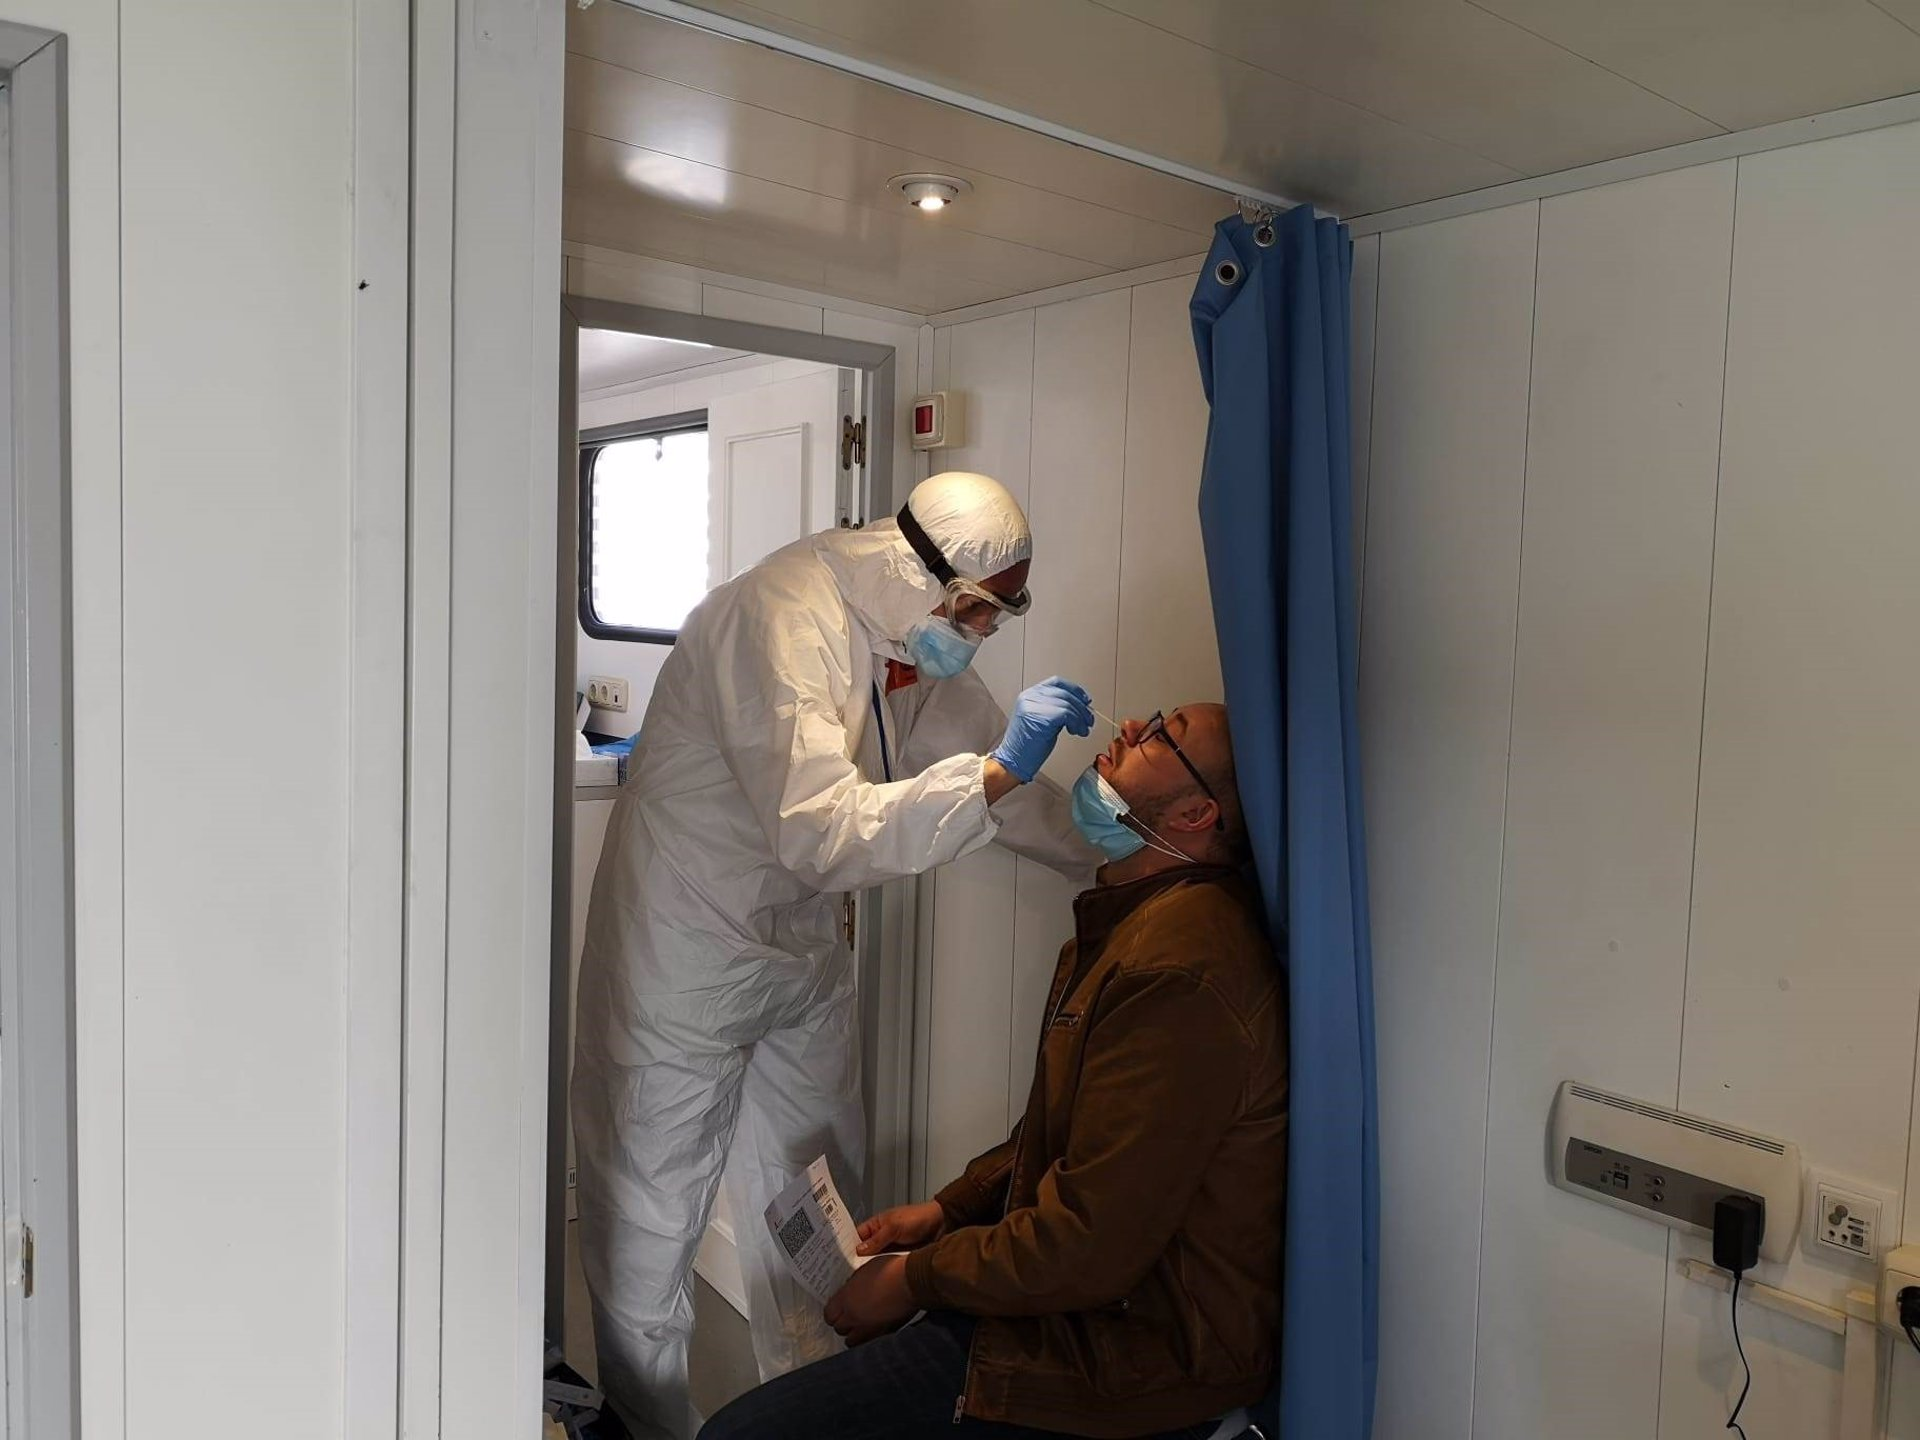 Granada registra 12 fallecidos con coronavirus en el último día